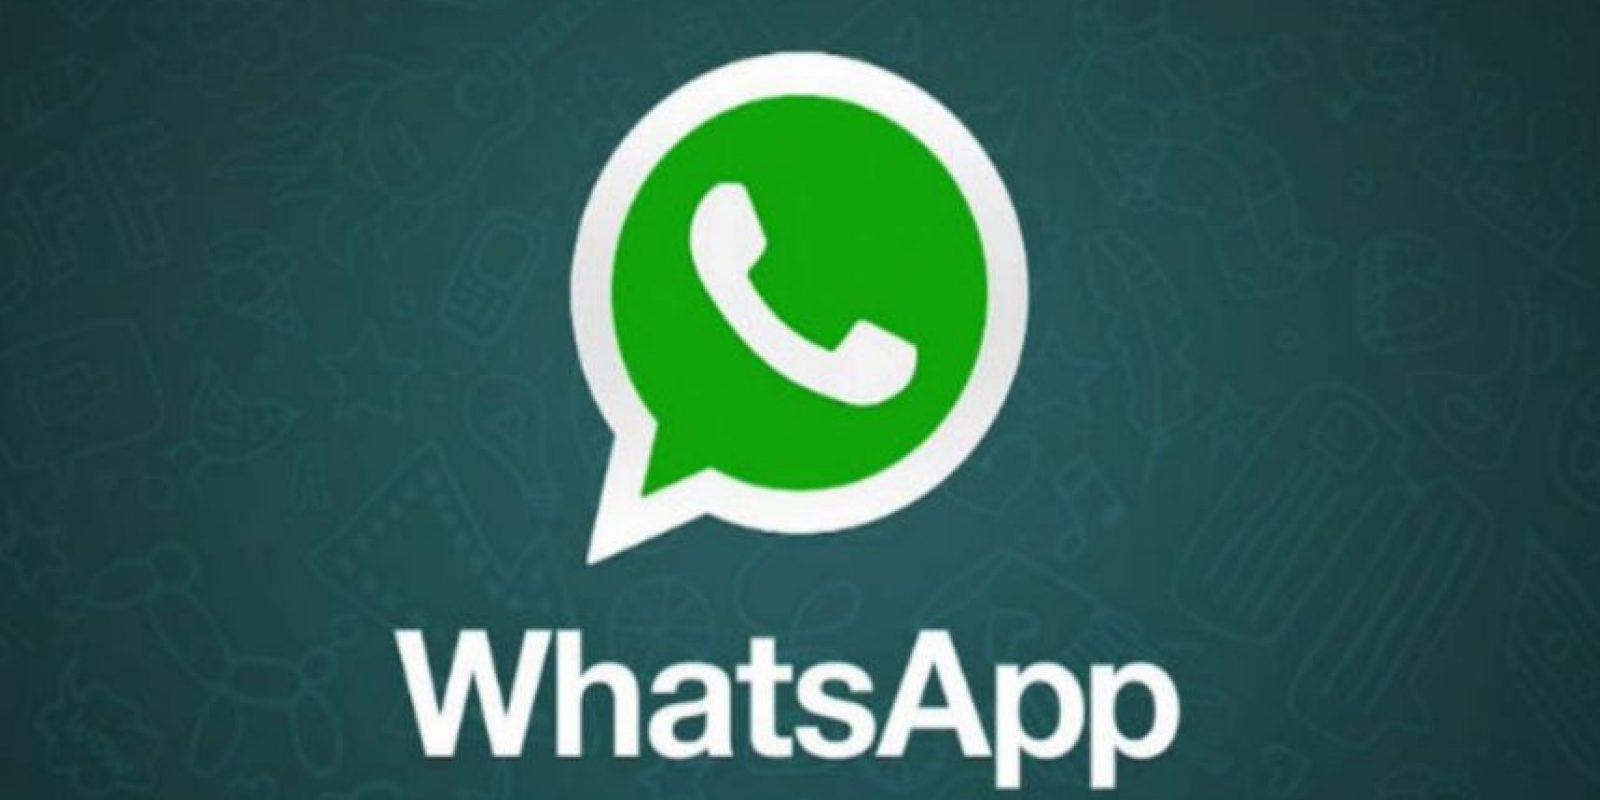 Enviar videos ilegales. Un pedófilo fue detenido por mandar un video con pornografía infantil Foto:WhatsApp